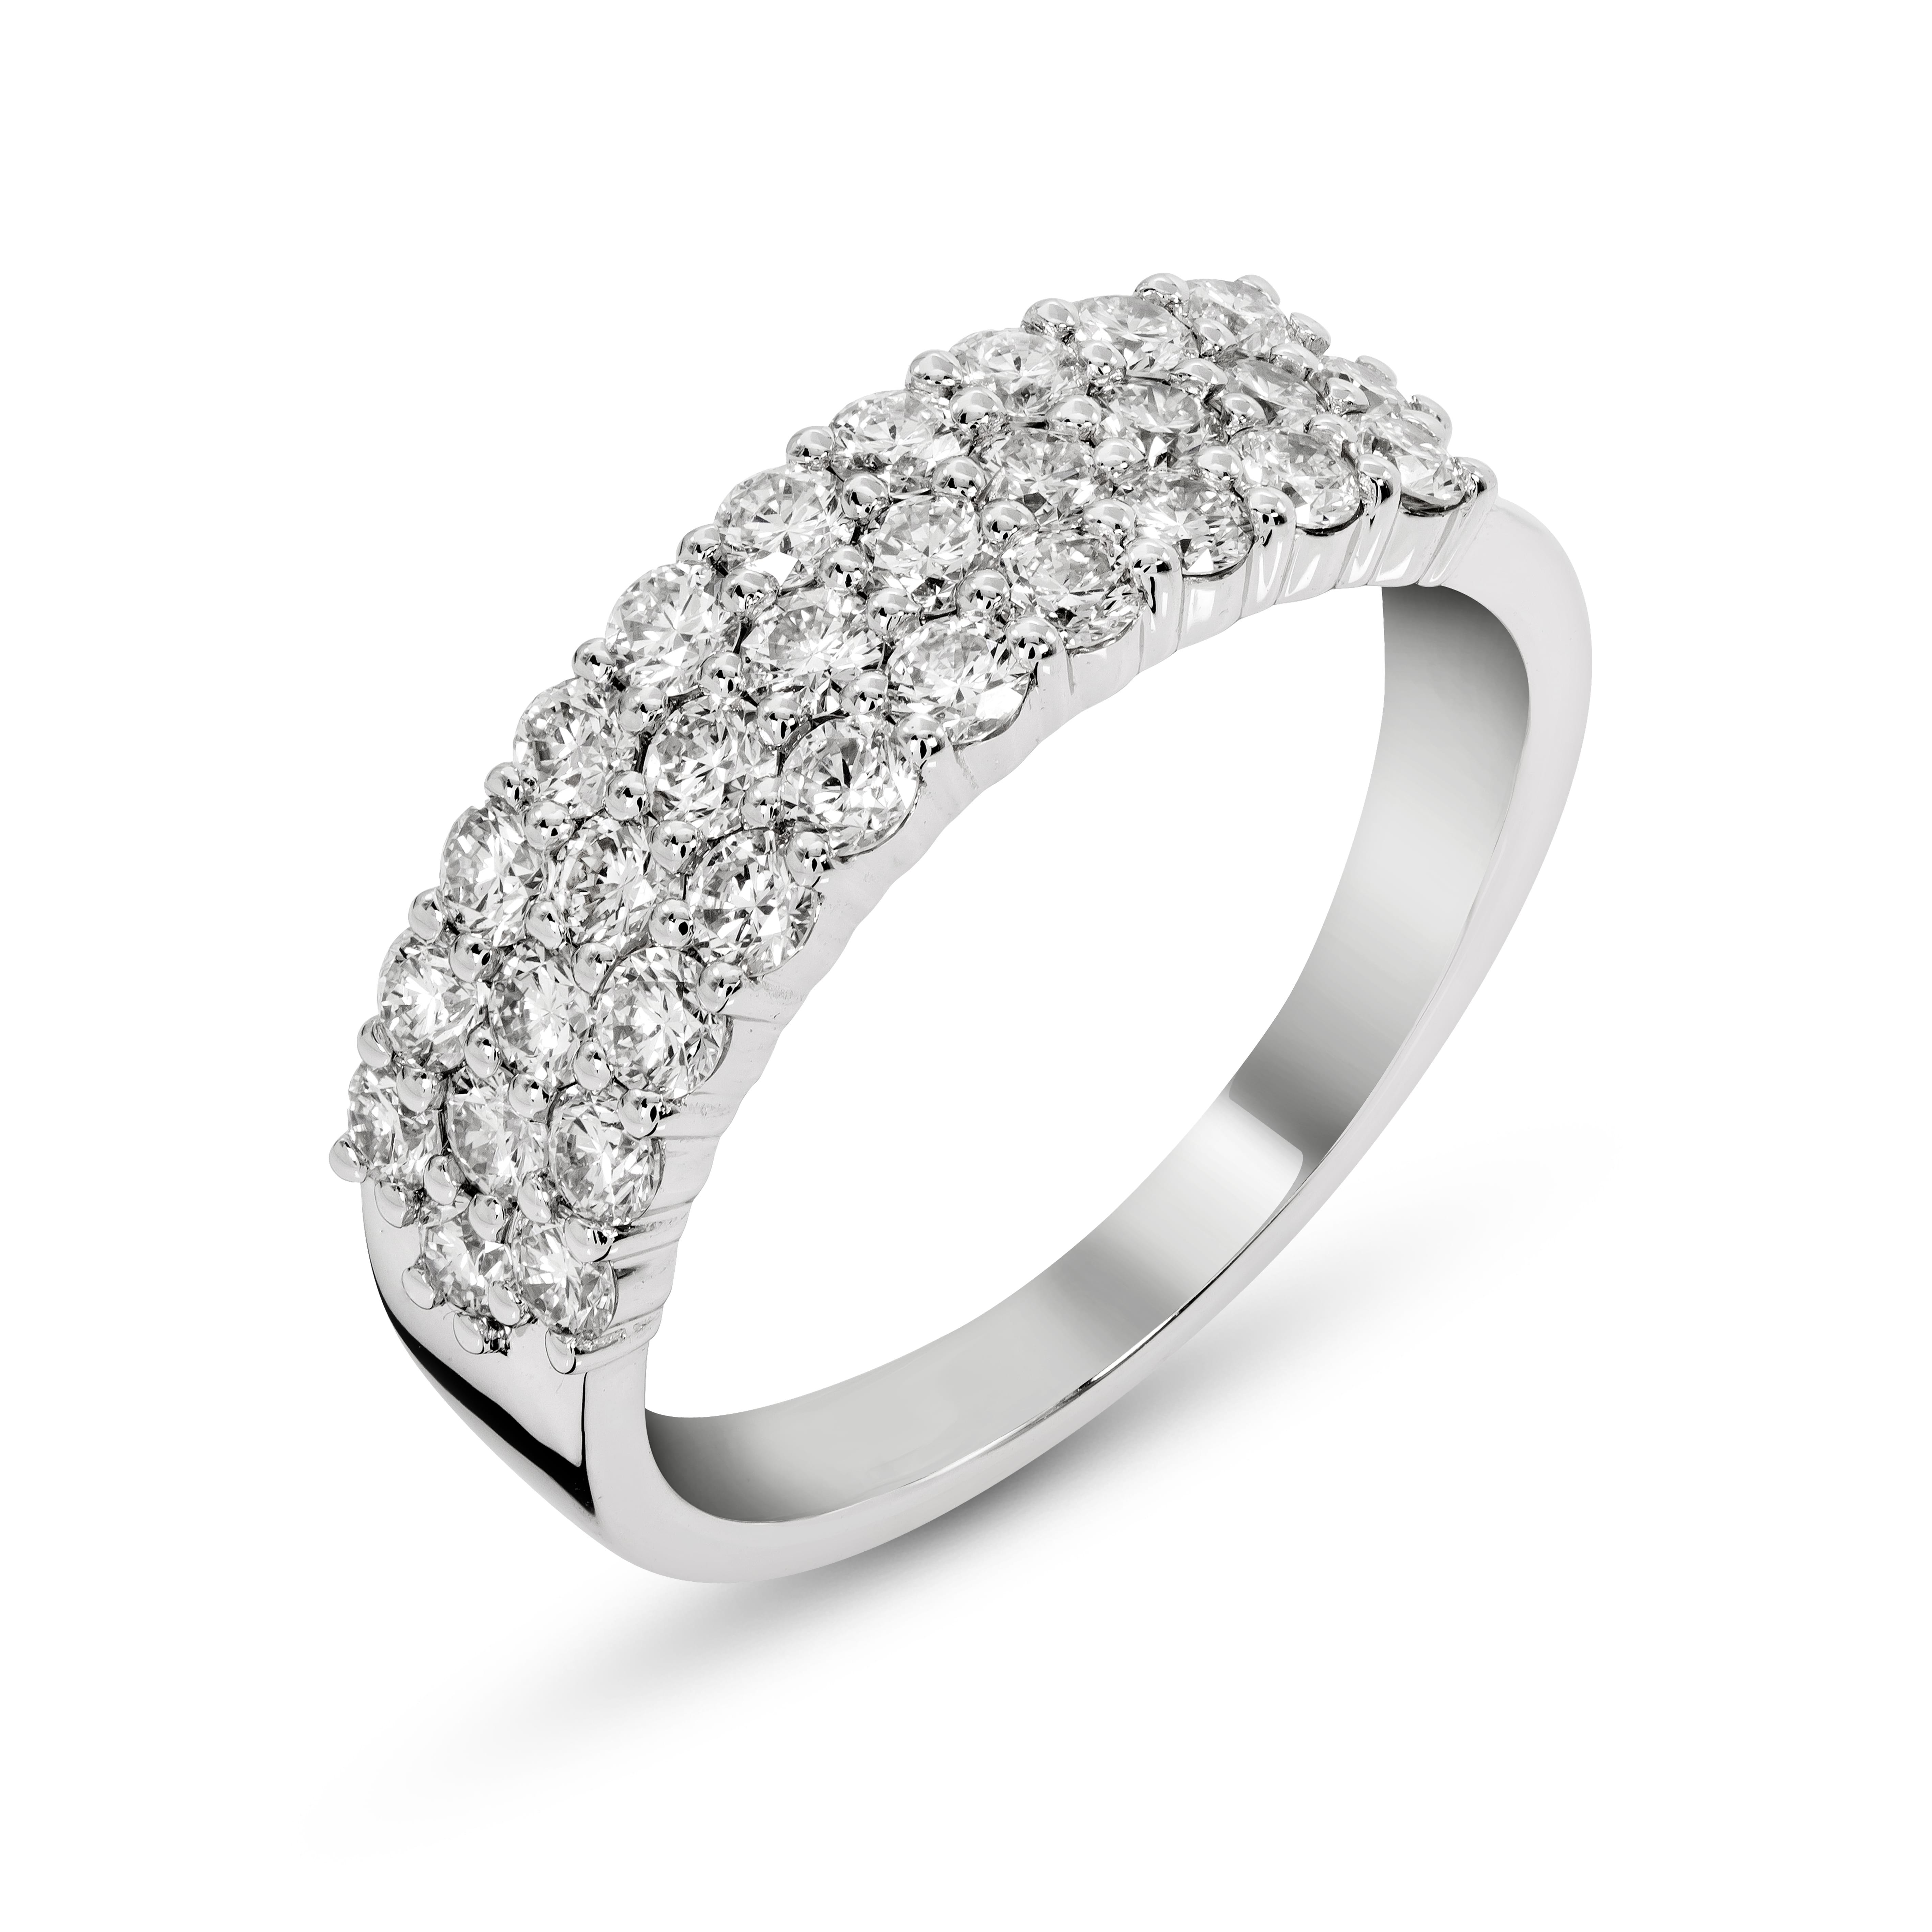 Engagement Rings Kansas City: Unique Engagement Rings @Vinca, Kansas City